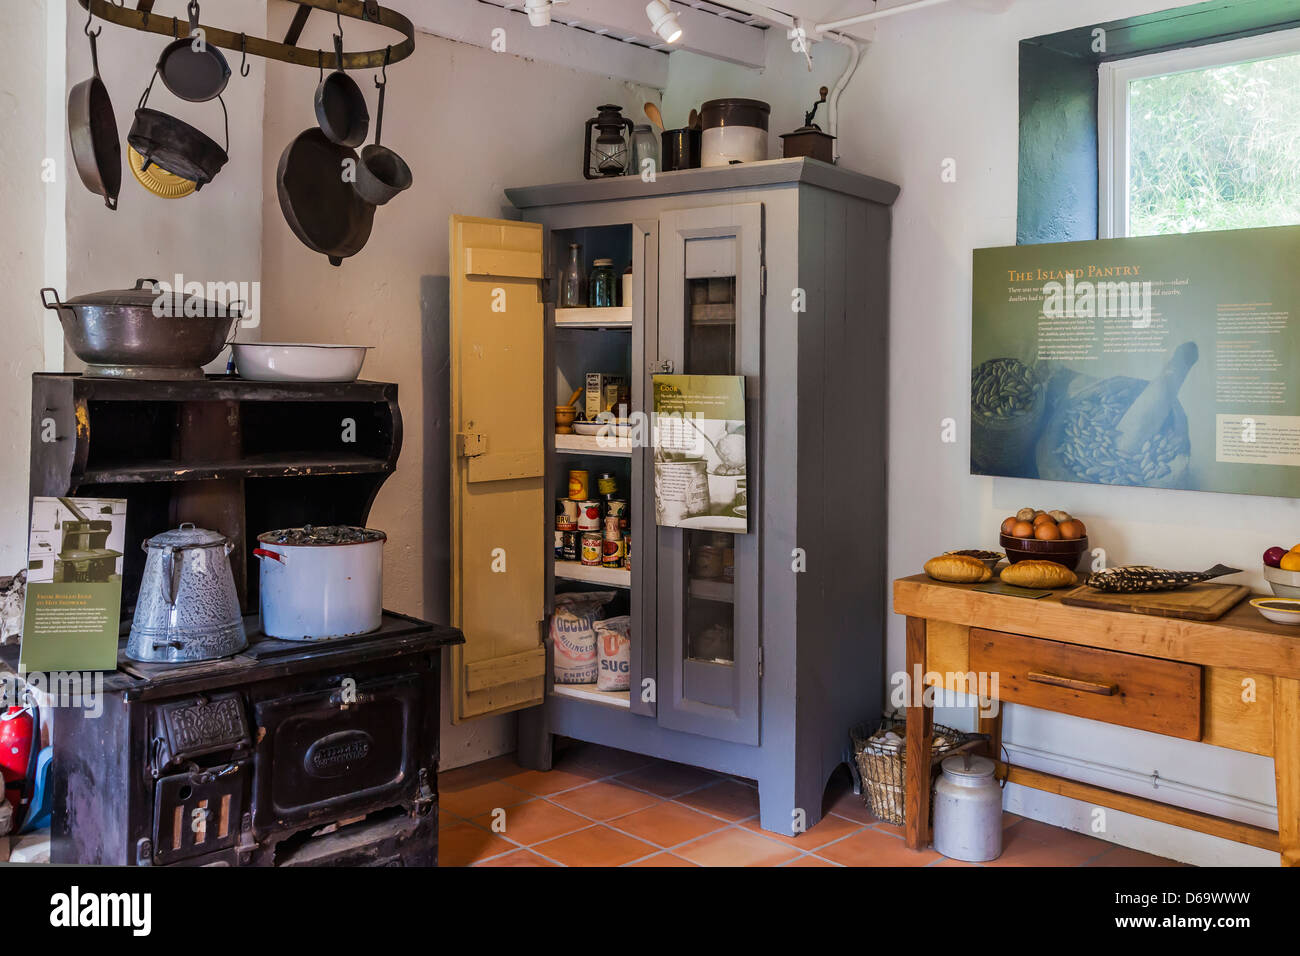 Center Island Kitchen Stockfotos & Center Island Kitchen Bilder - Alamy